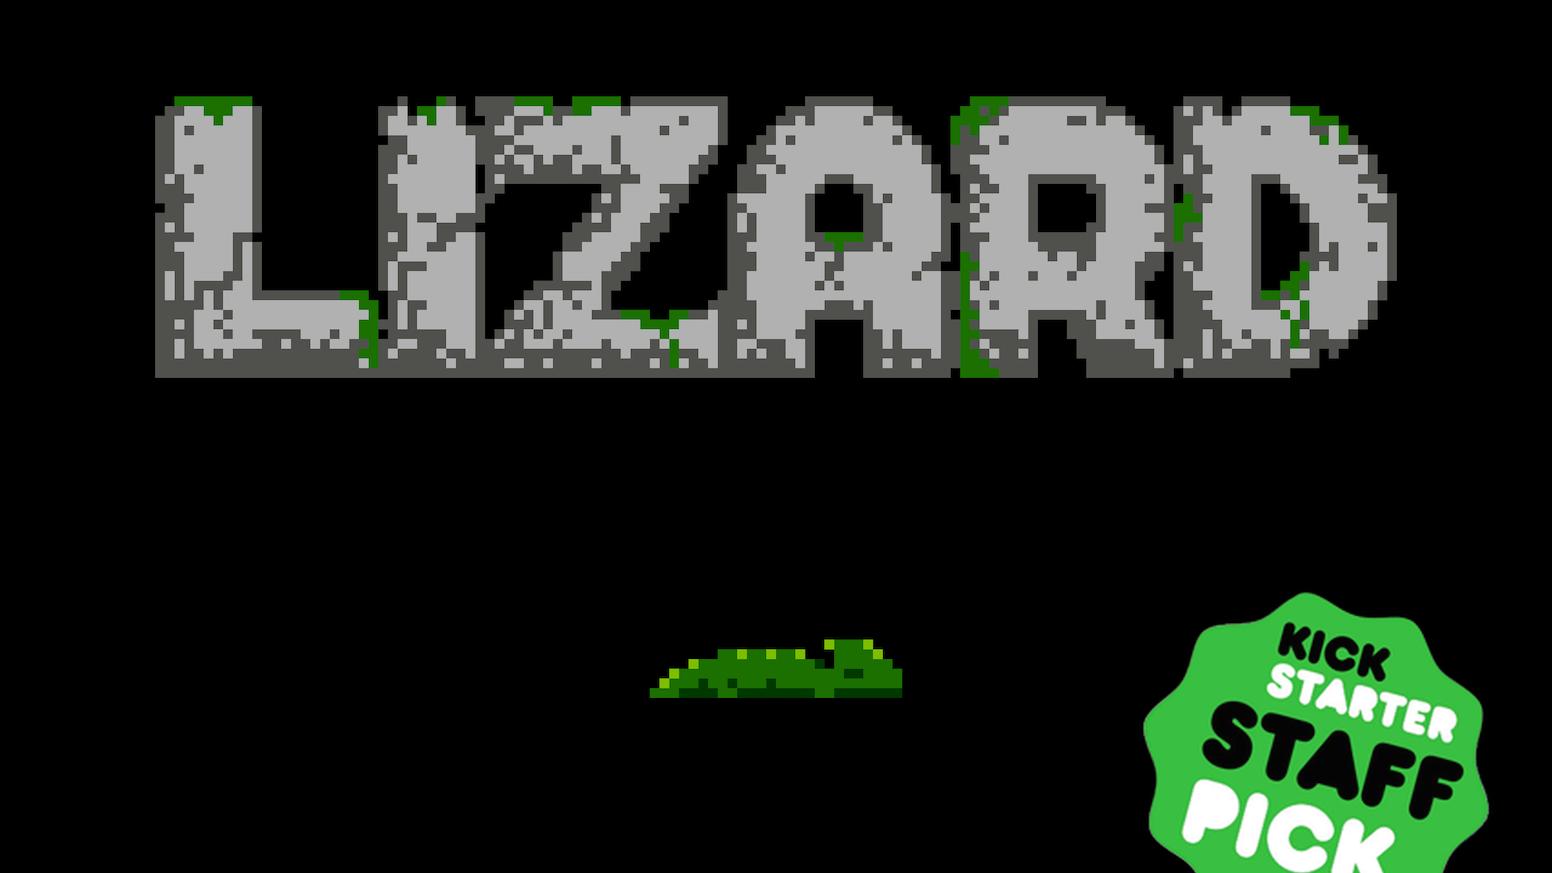 Lizard by Brad Smith — Kickstarter